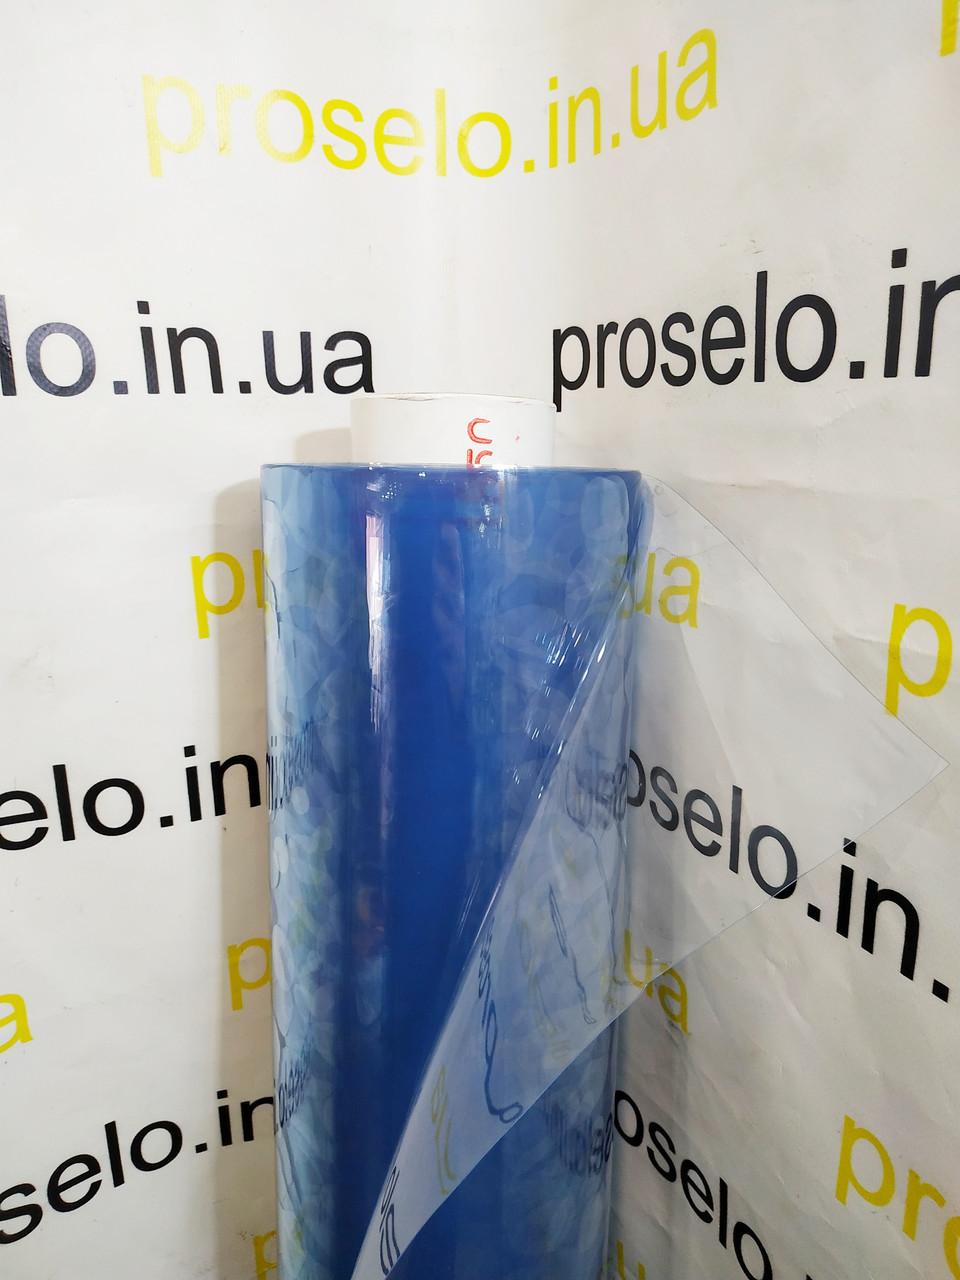 Пленка ПВХ силиконовая 150 мкм. плотность.Рулон 103м.Ширина 1.50м.Прозрачная.Текстильная, защитная